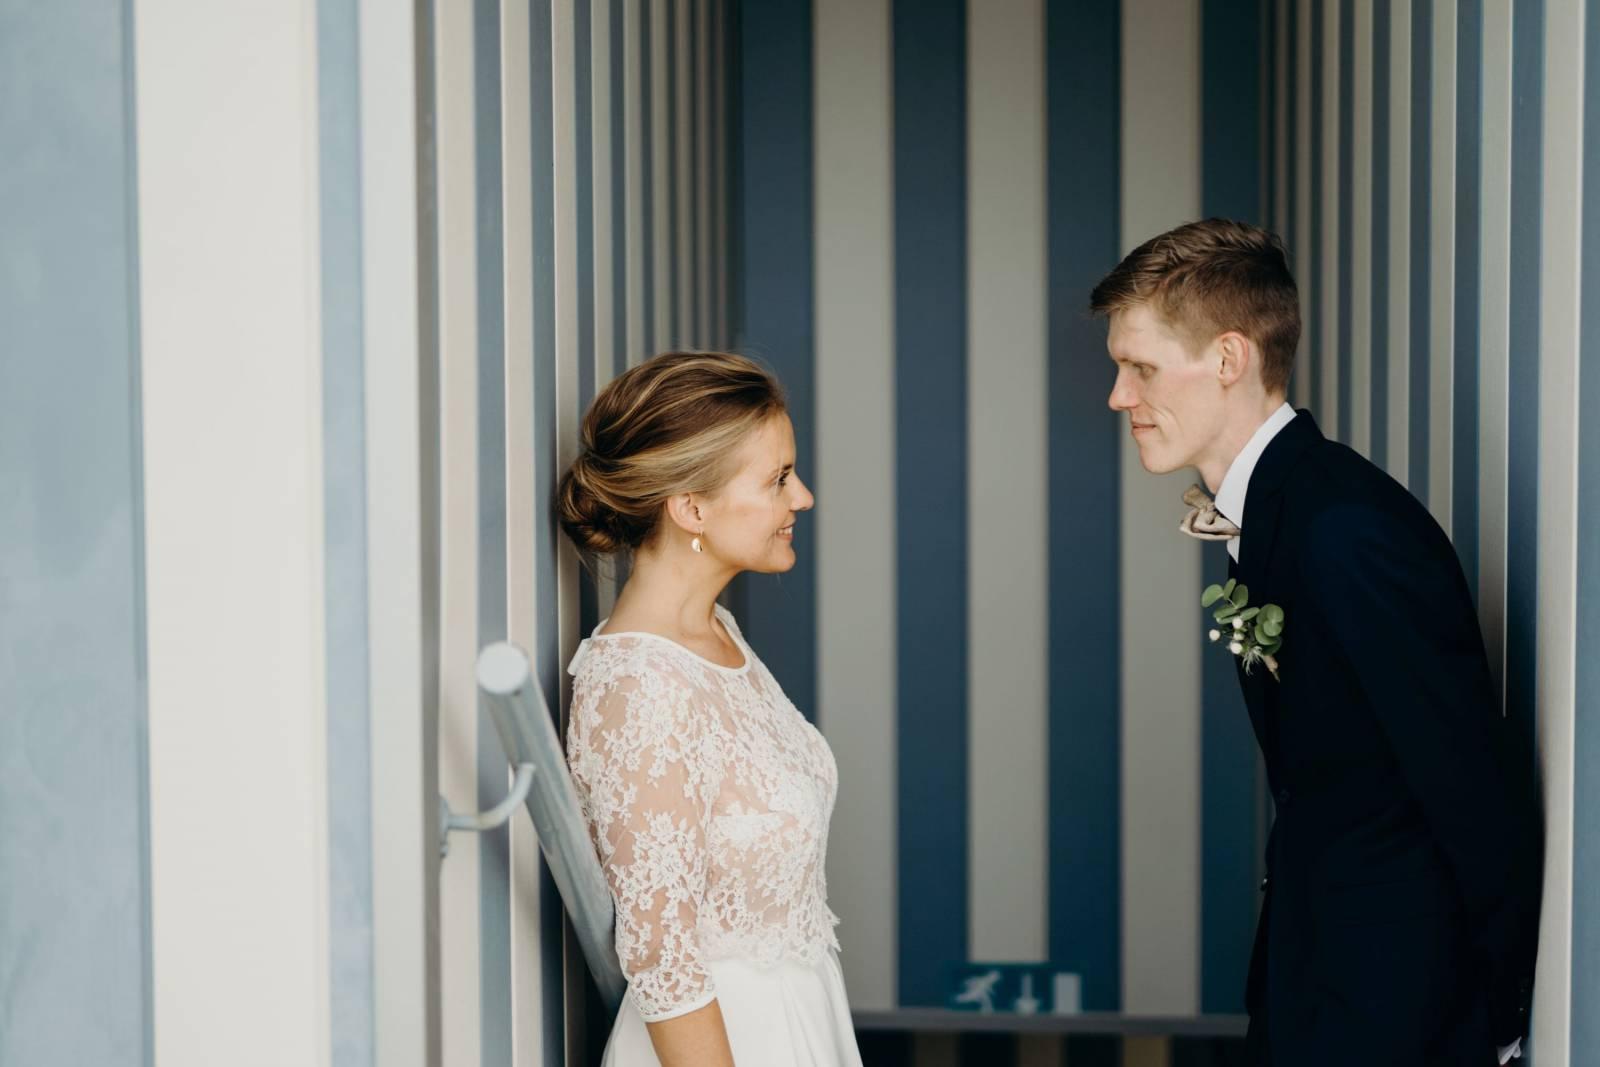 Frankie and Fish - Trouwfotograaf - Huwelijksfotograaf - Bruidsfotograaf - House of Weddings - 20